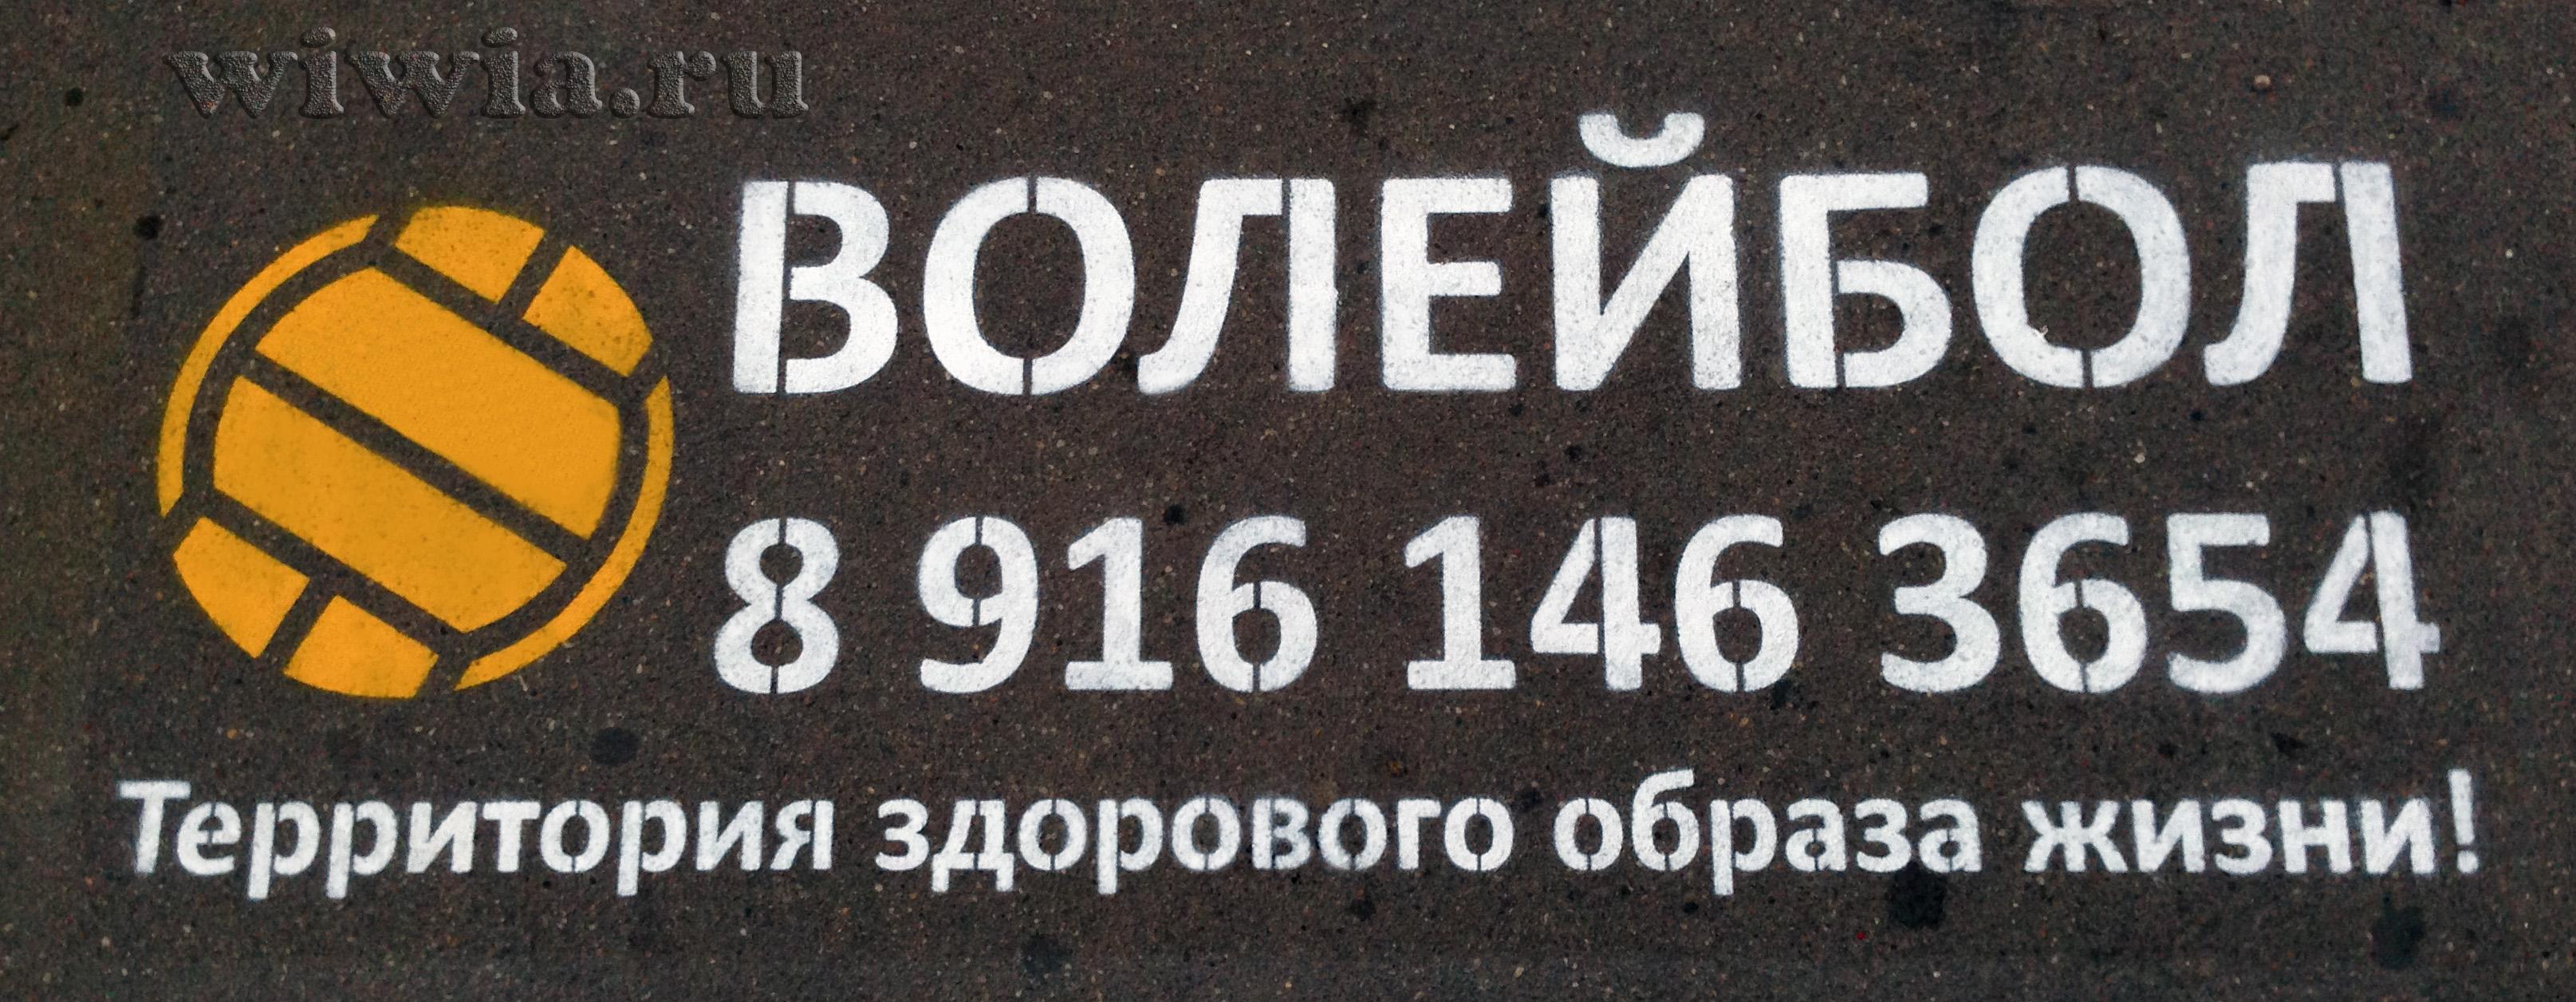 Реклама на асфальте Волейбол.